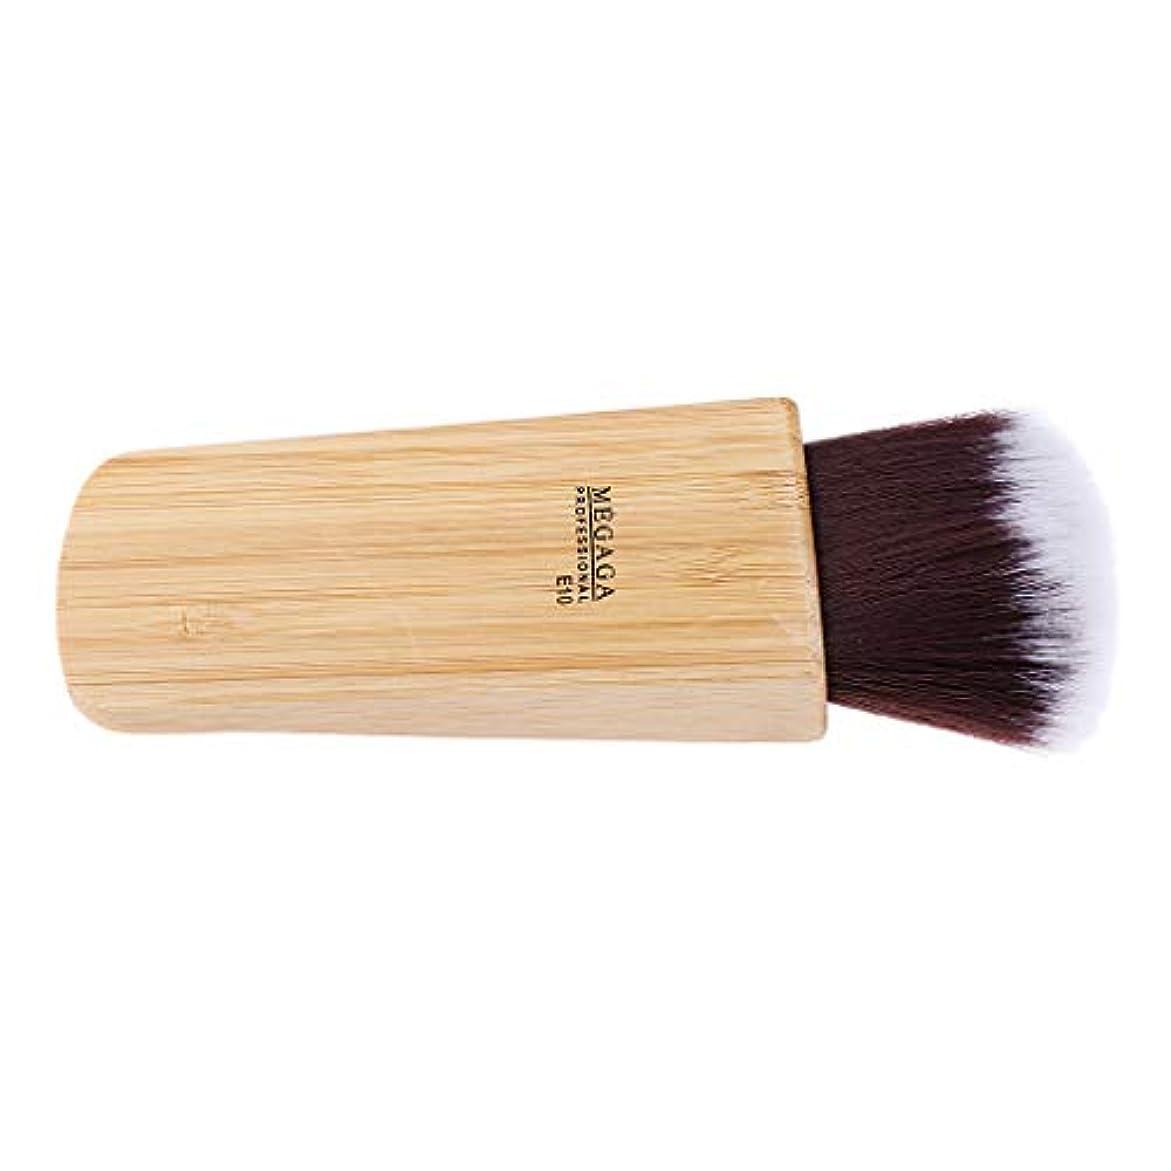 考える海岸イヤホンToygogo ヘアカットブラシネックダスターブラシクリーニングヘアブラシバーバースイープブロークンヘア理髪ツール